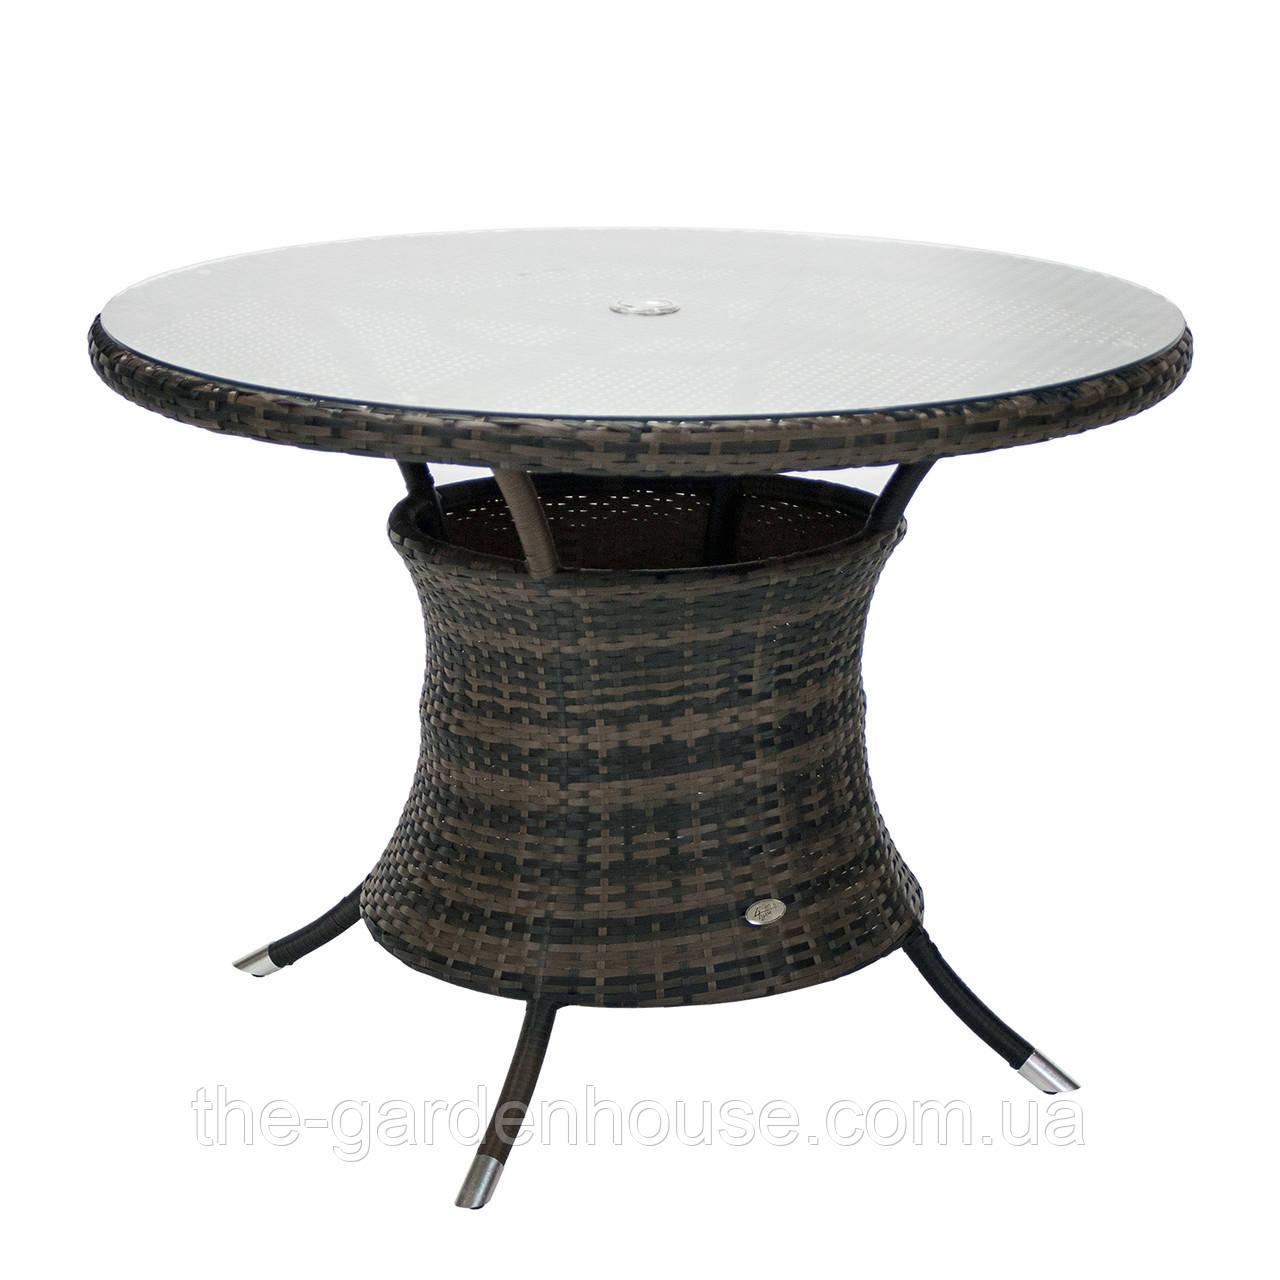 Садовый стол Викер из искусственного ротанга Ø 100 см темно-коричневый